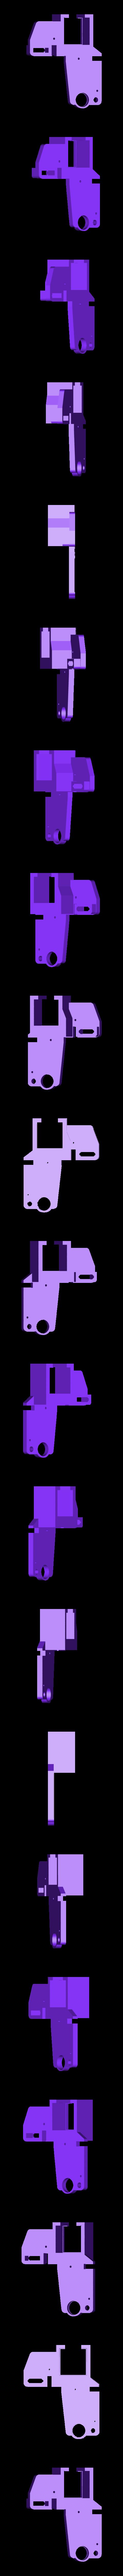 Superior_derecha_doks.stl Télécharger fichier STL gratuit Haut de mise à niveau Bowden Anet A6 droite • Plan pour imprimante 3D, dukedoks